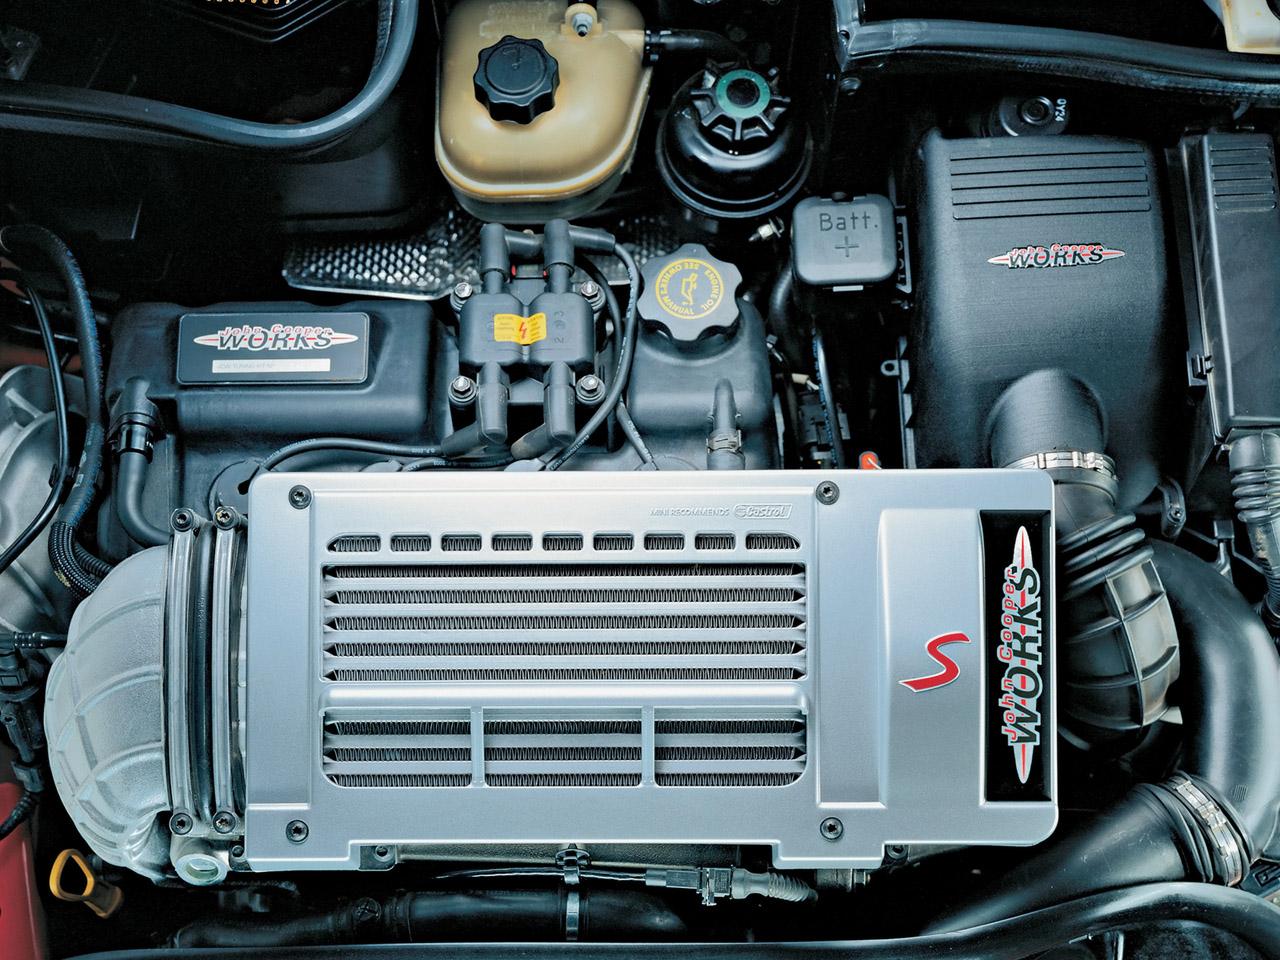 2005 mini cooper engine diagram